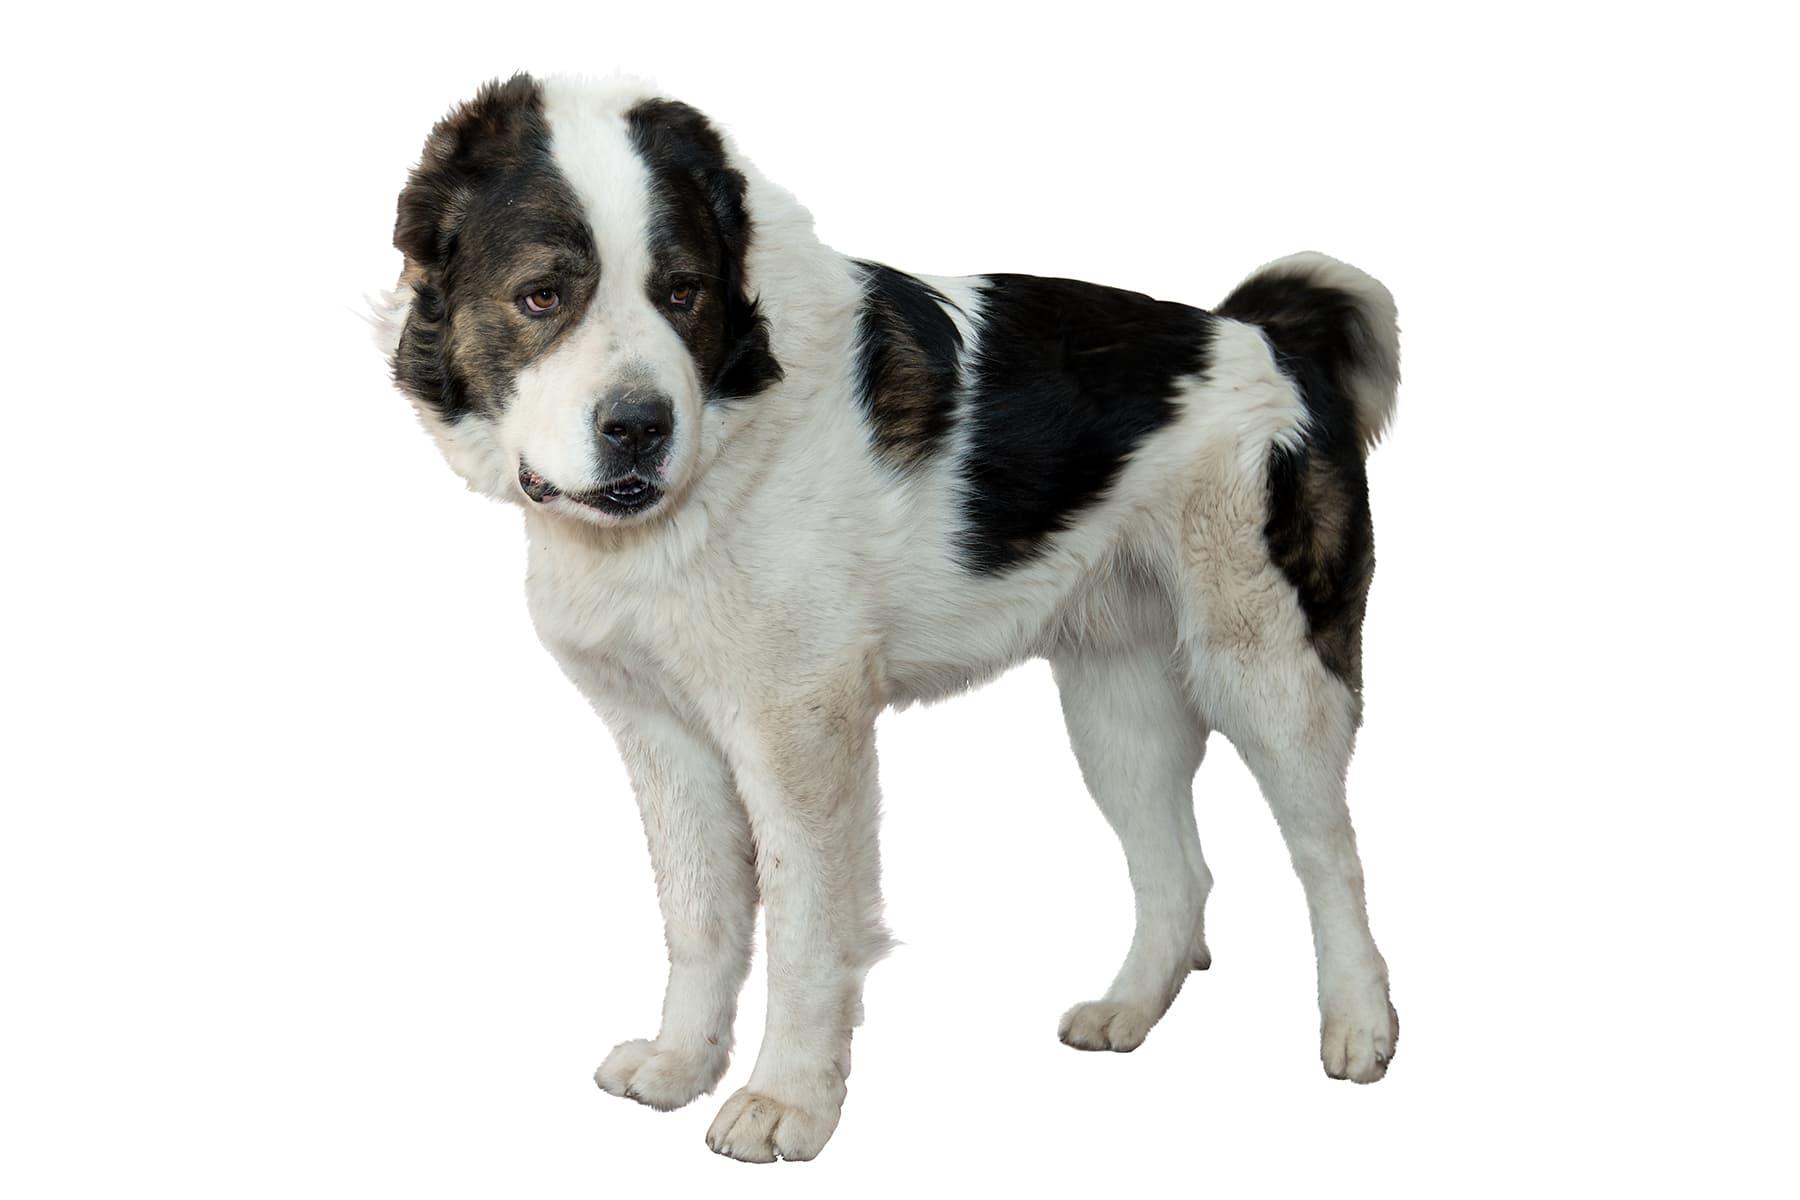 Zentralasiatischer Owtscharka Hunderasse Profilbild